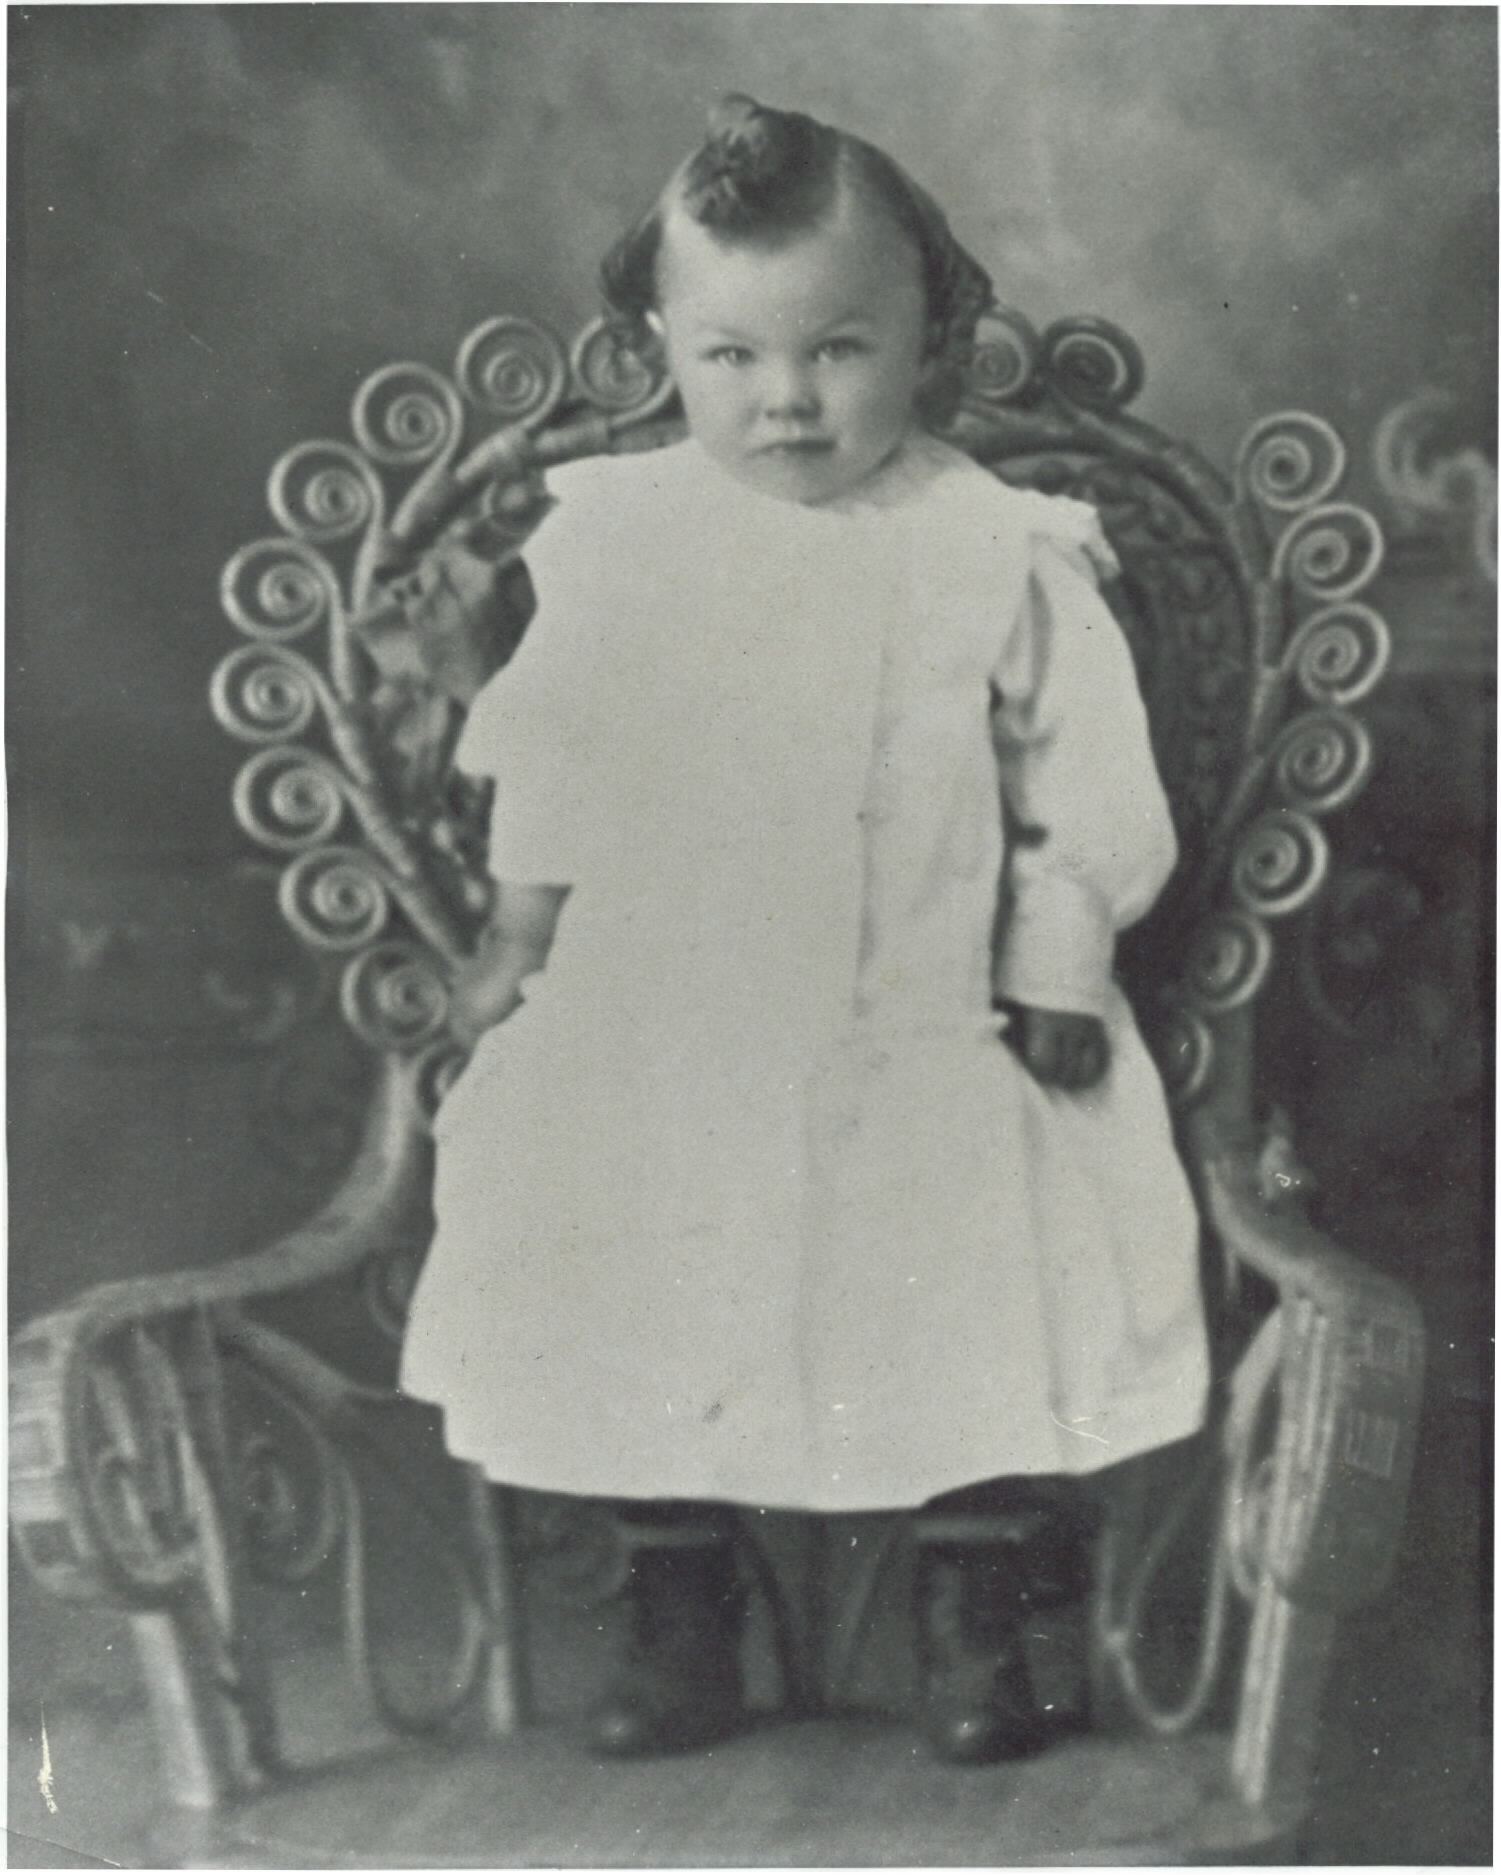 Lloyd Wilkins age 2; 1903